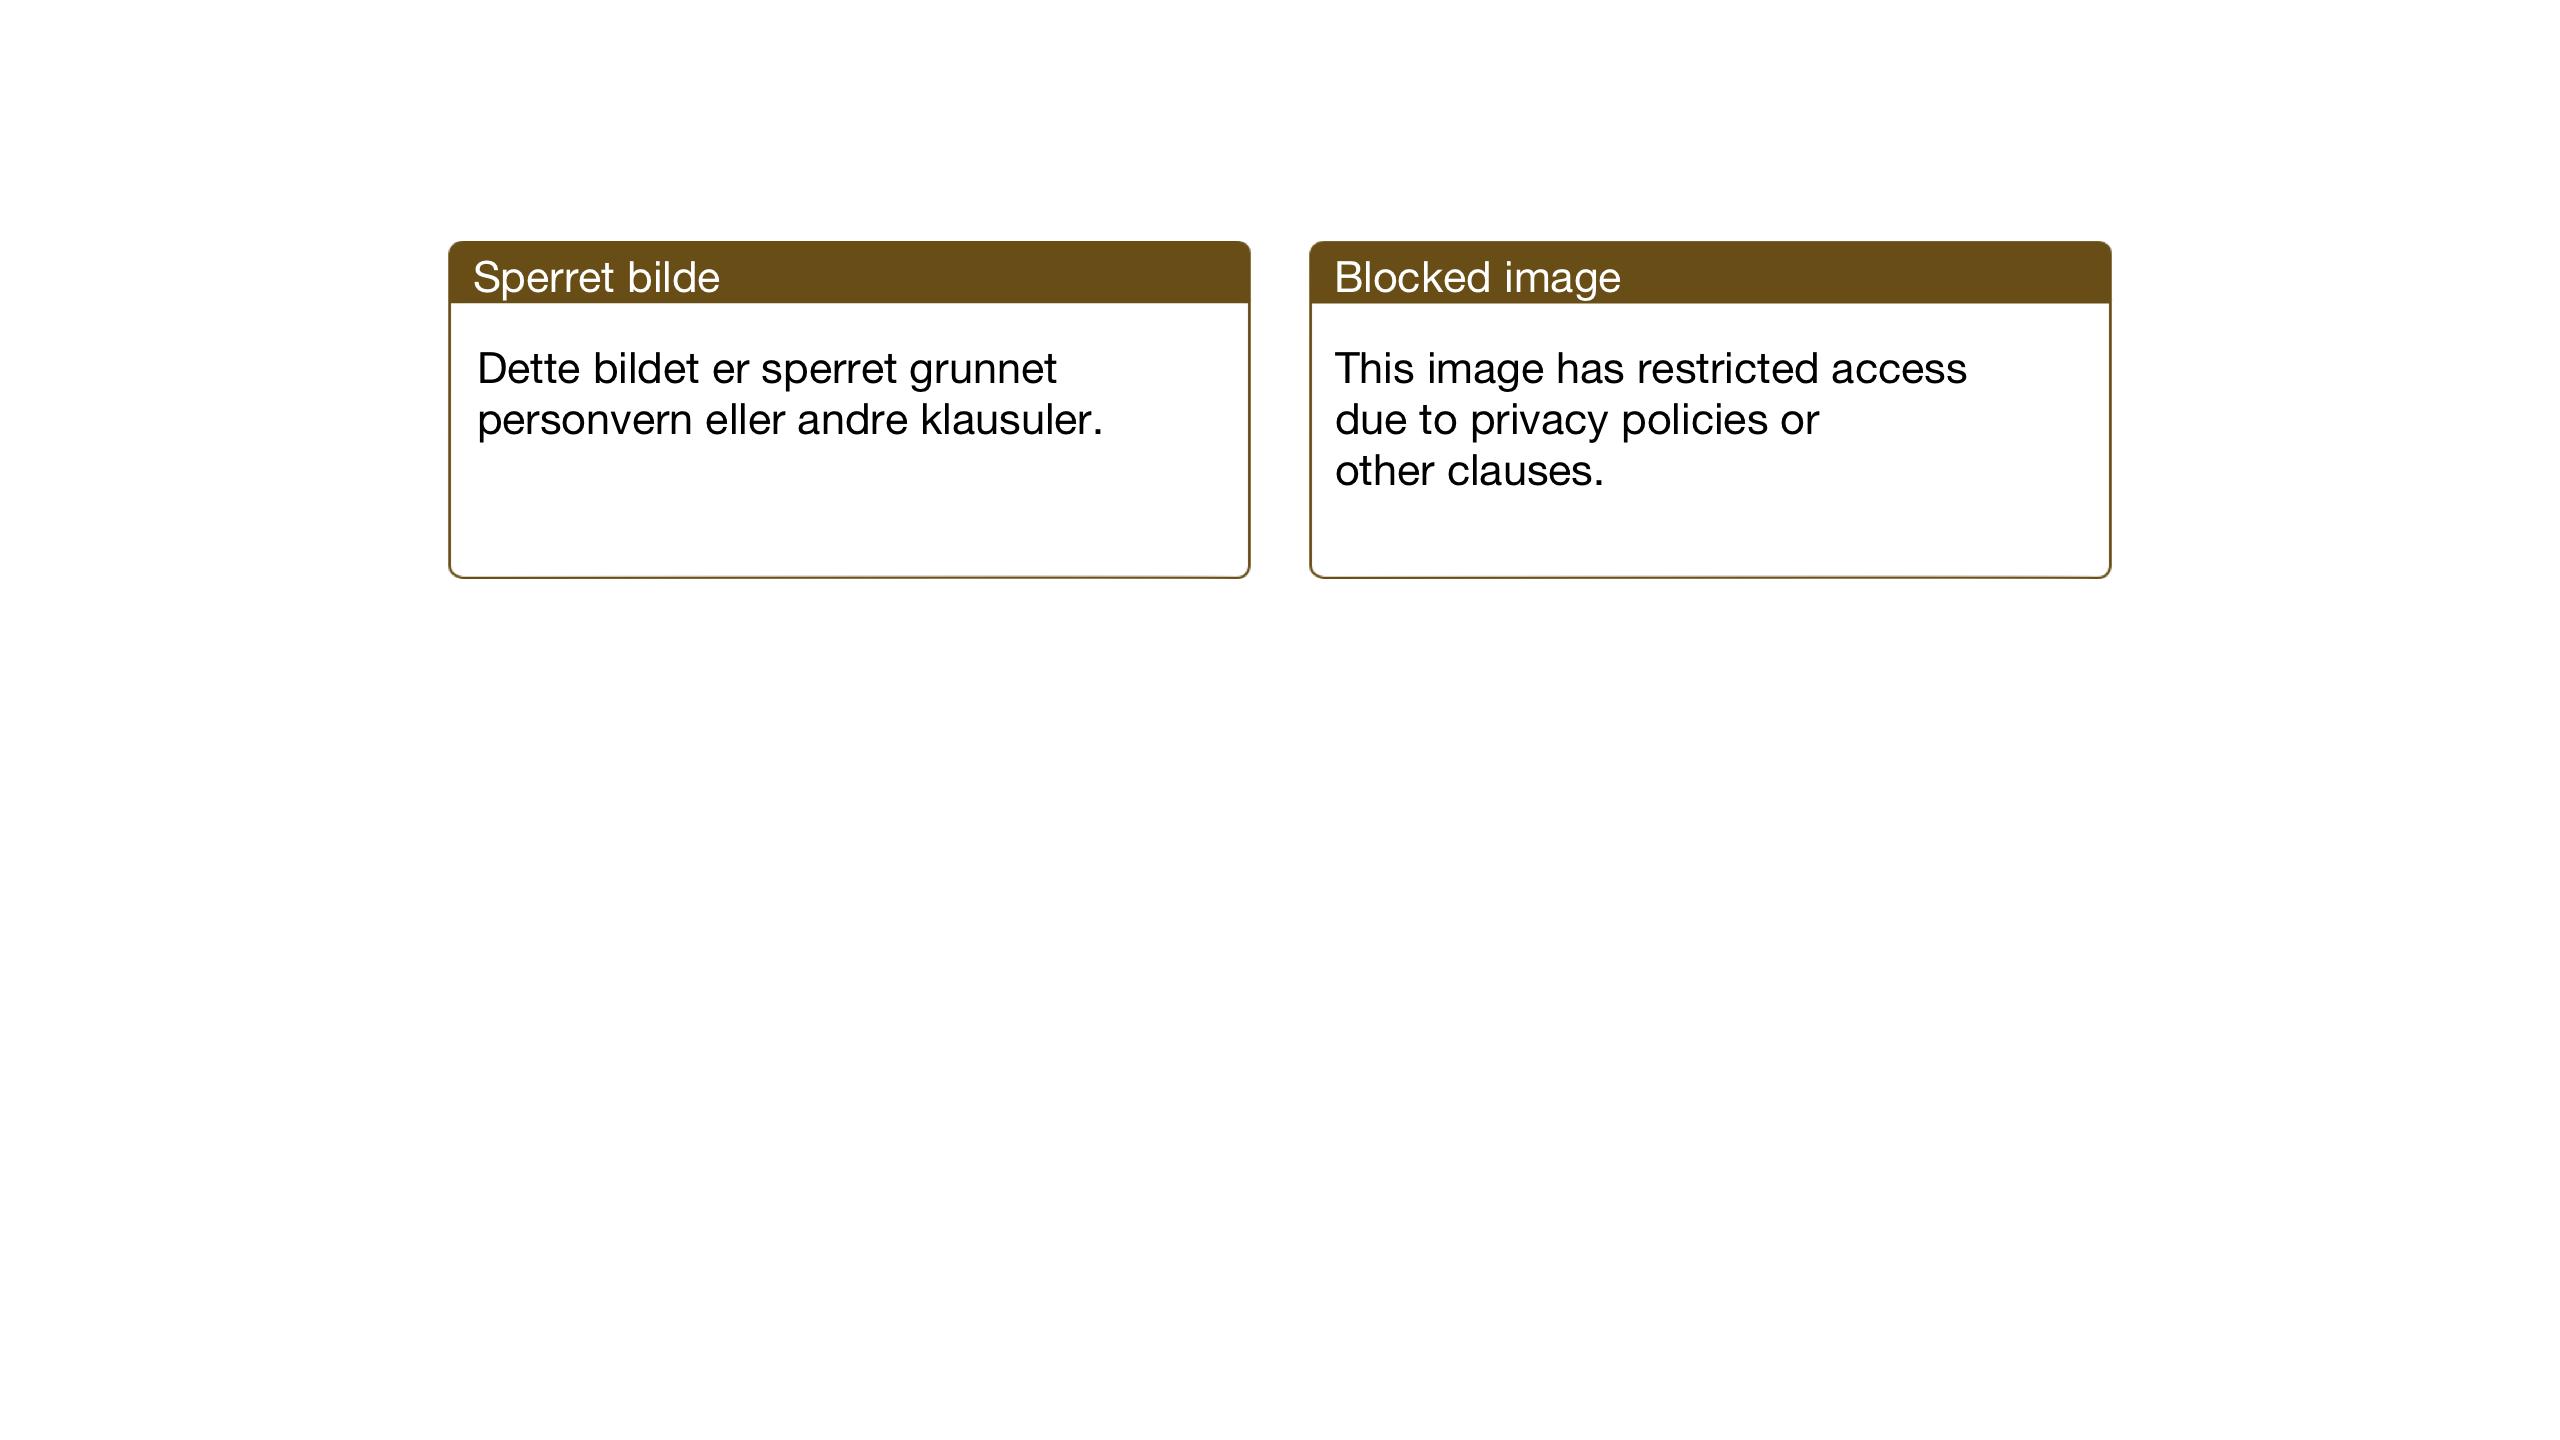 SAT, Ministerialprotokoller, klokkerbøker og fødselsregistre - Nord-Trøndelag, 733/L0328: Klokkerbok nr. 733C03, 1919-1966, s. 84